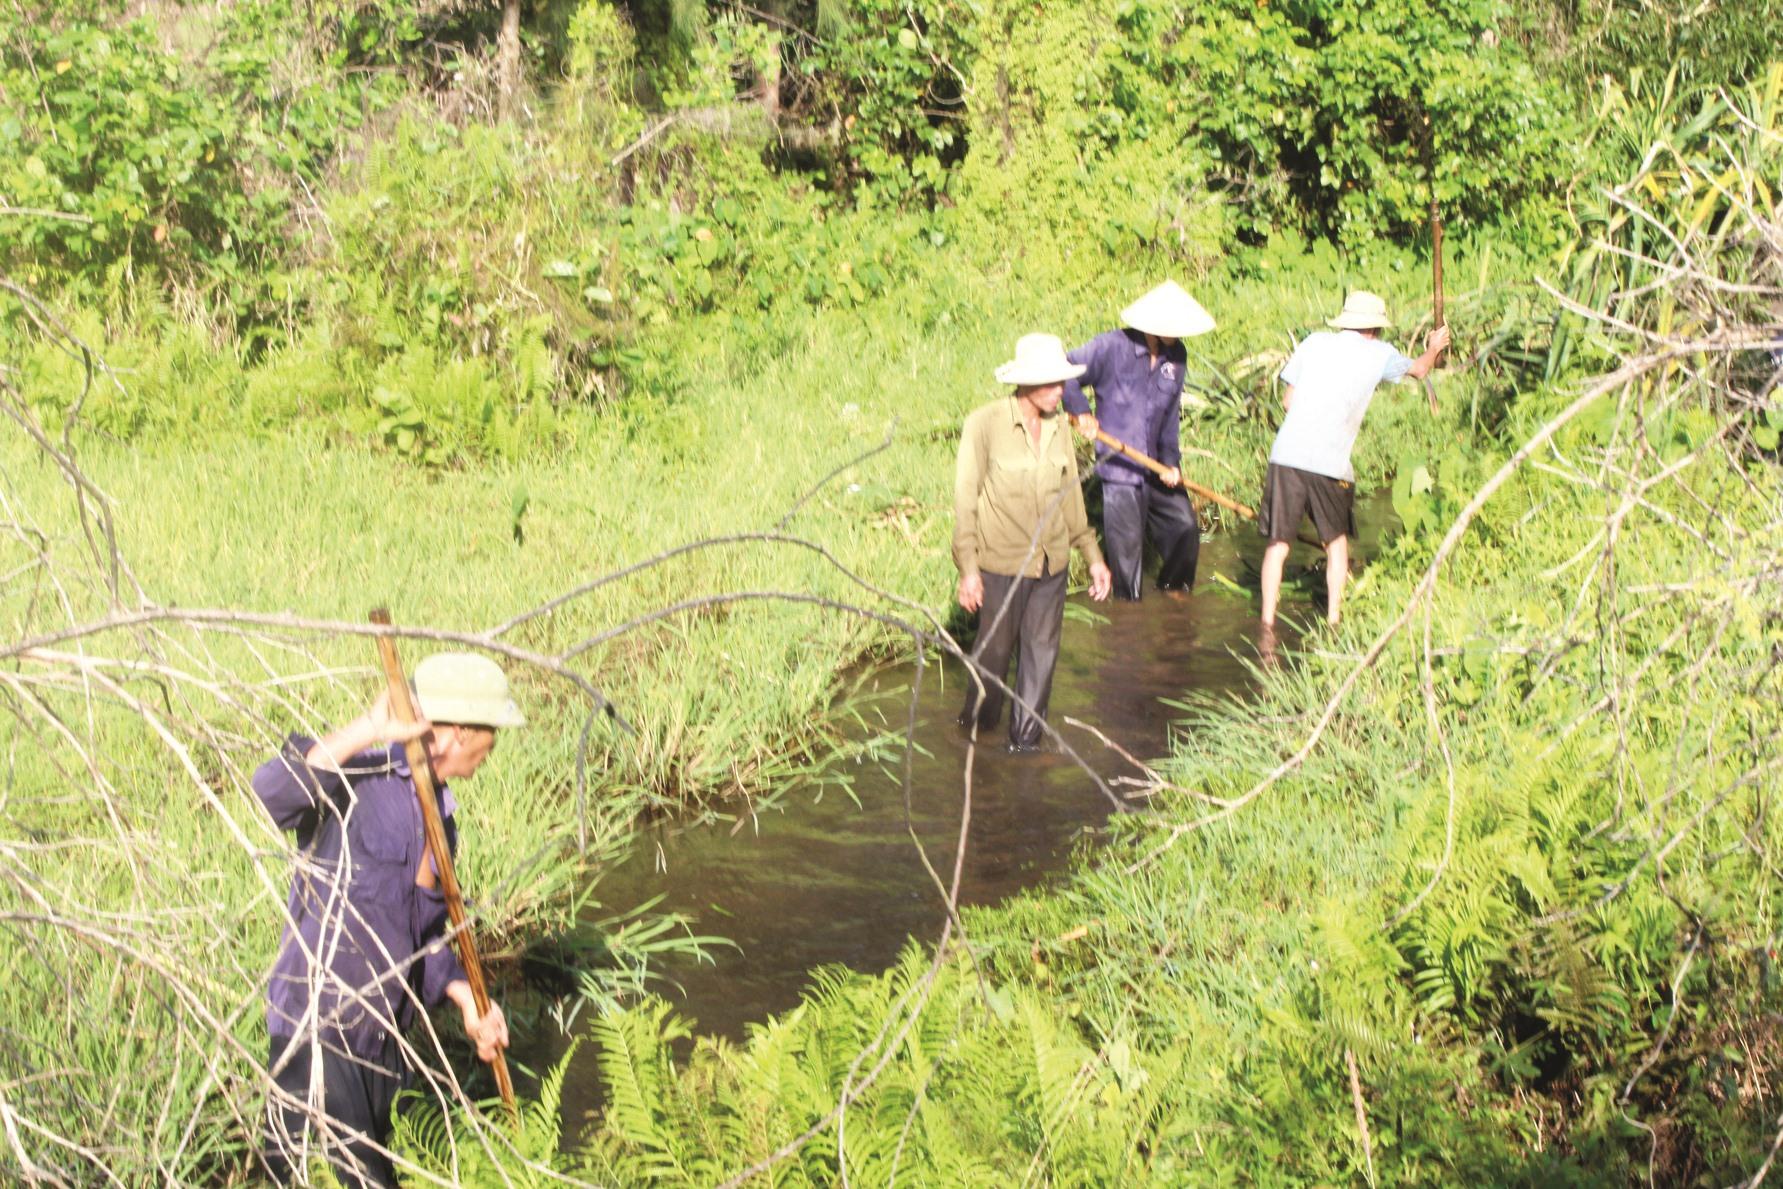 Nông dân Núi Thành phát cây cối, nạo vét kênh mương. Ảnh: VĂN PHIN